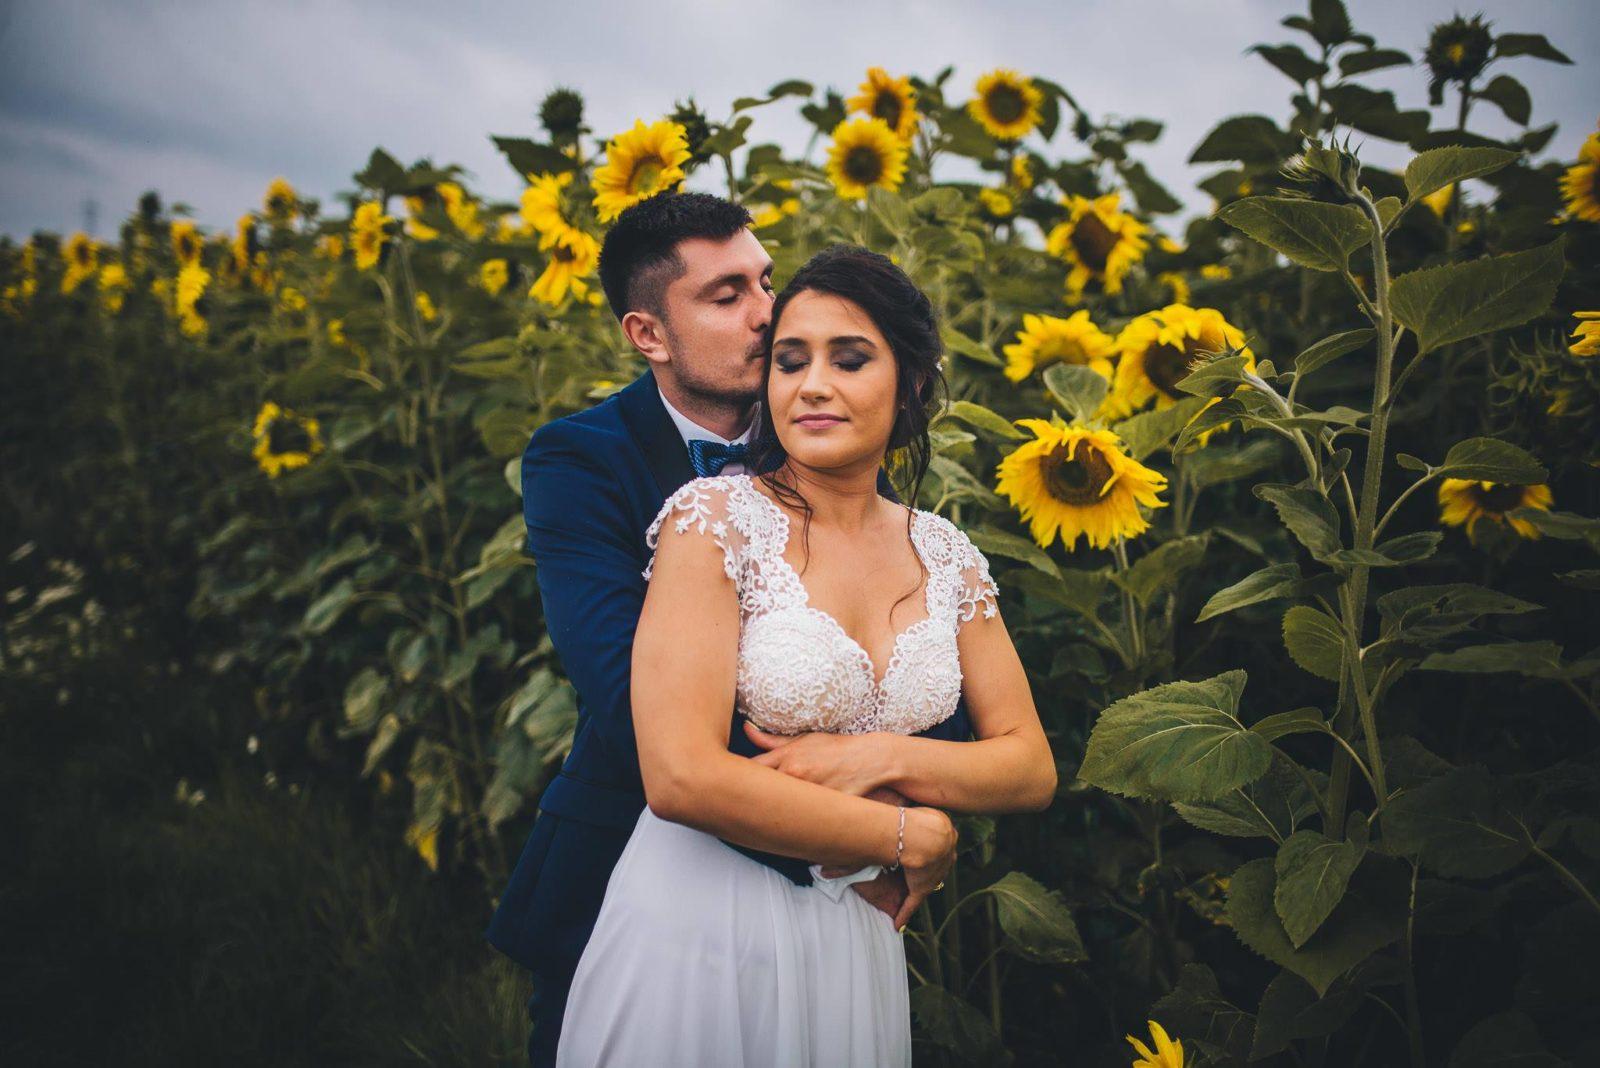 Fotograf ślubny Nowe Miasto Lubawskie